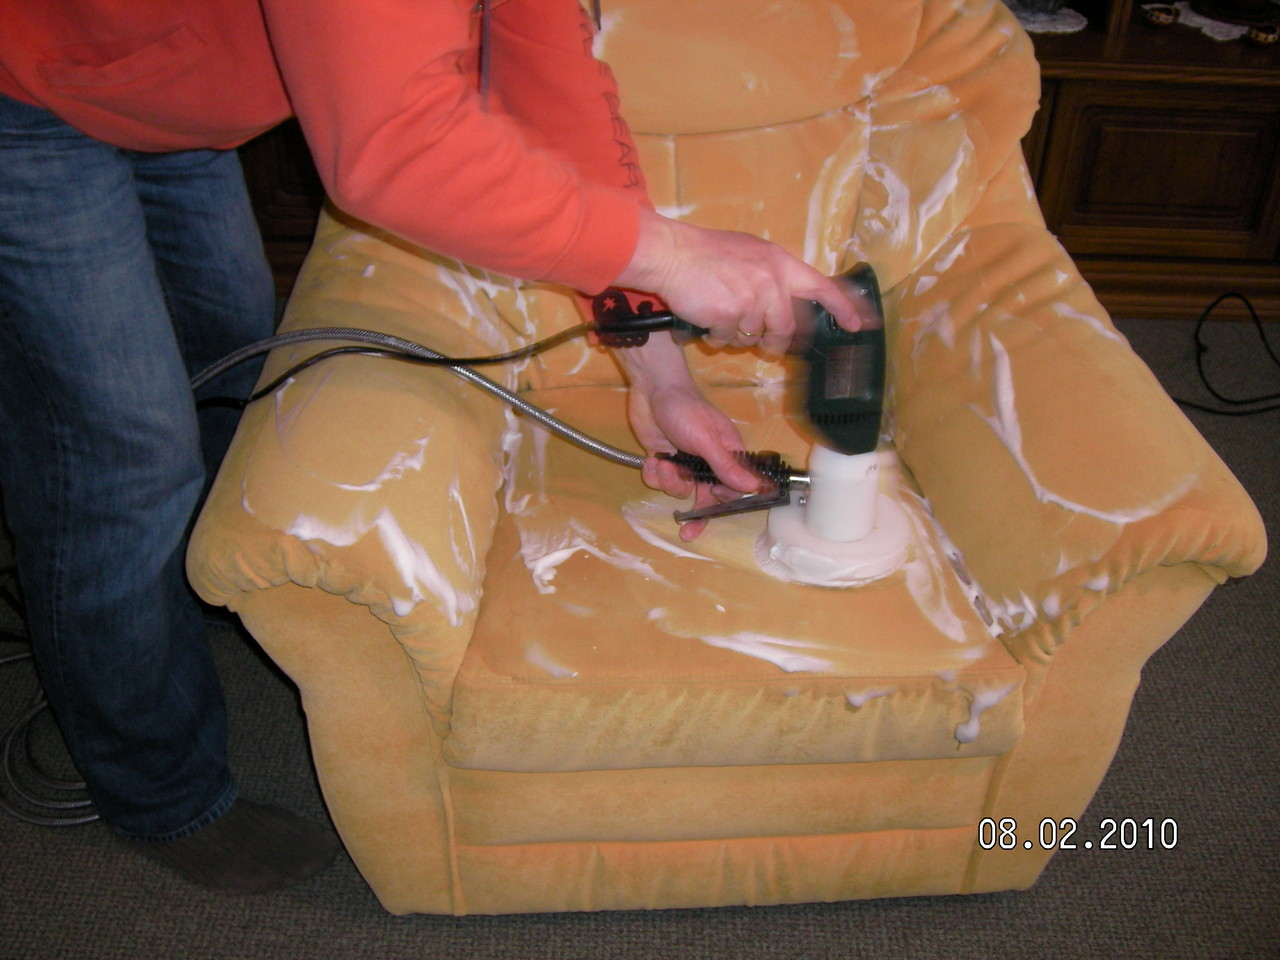 polsterm bel autositze ect wir reinigen zu fairen preisen und guter qualit t die. Black Bedroom Furniture Sets. Home Design Ideas